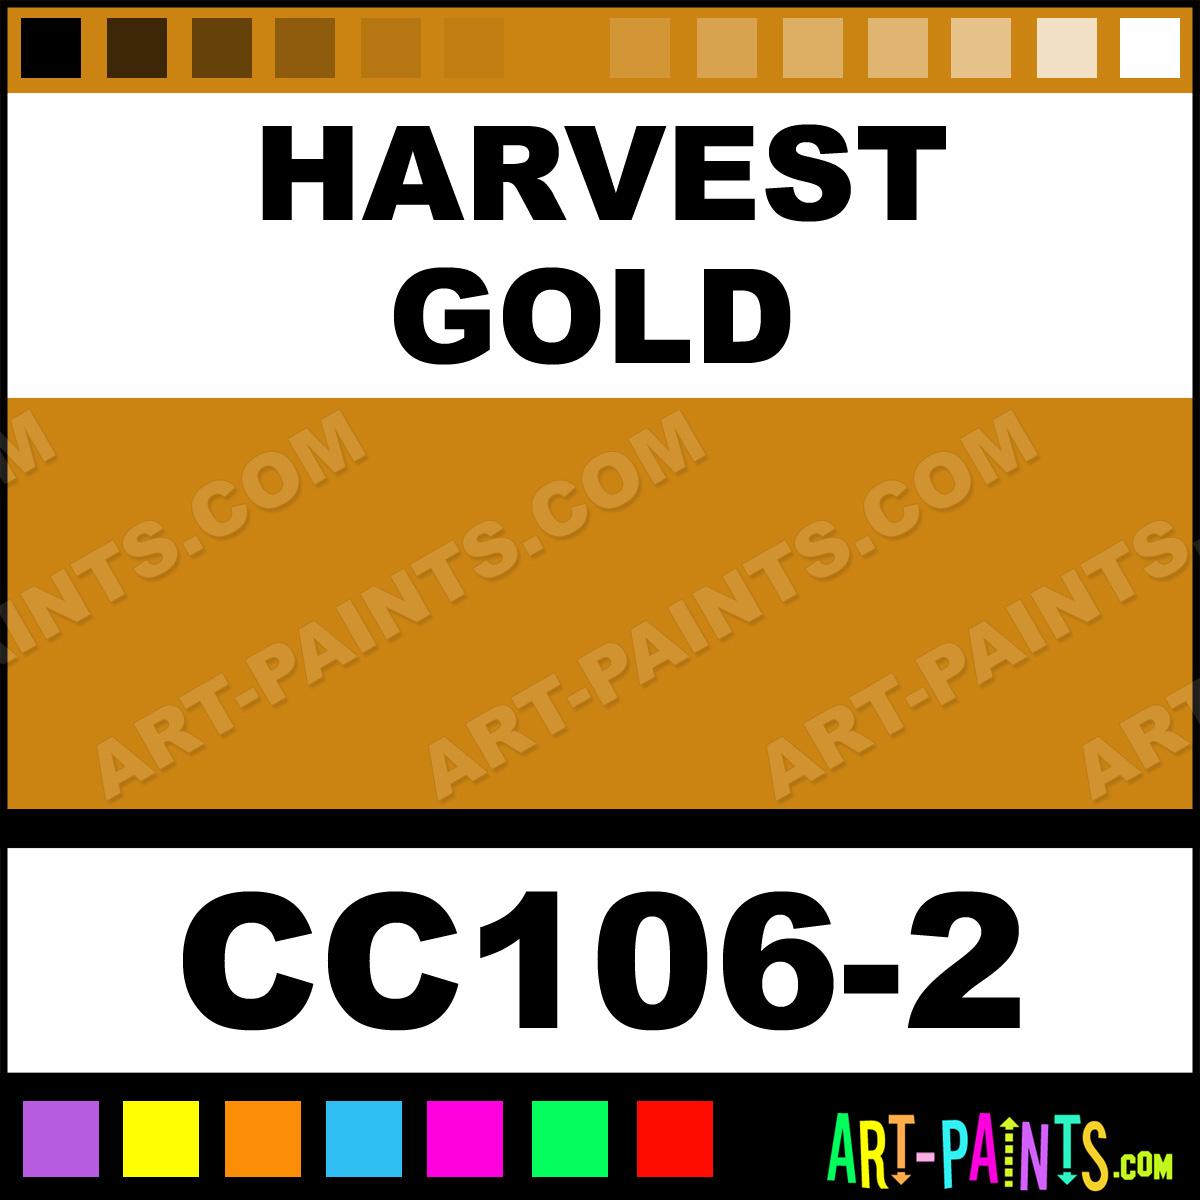 Harvest Gold... Harvest Gold